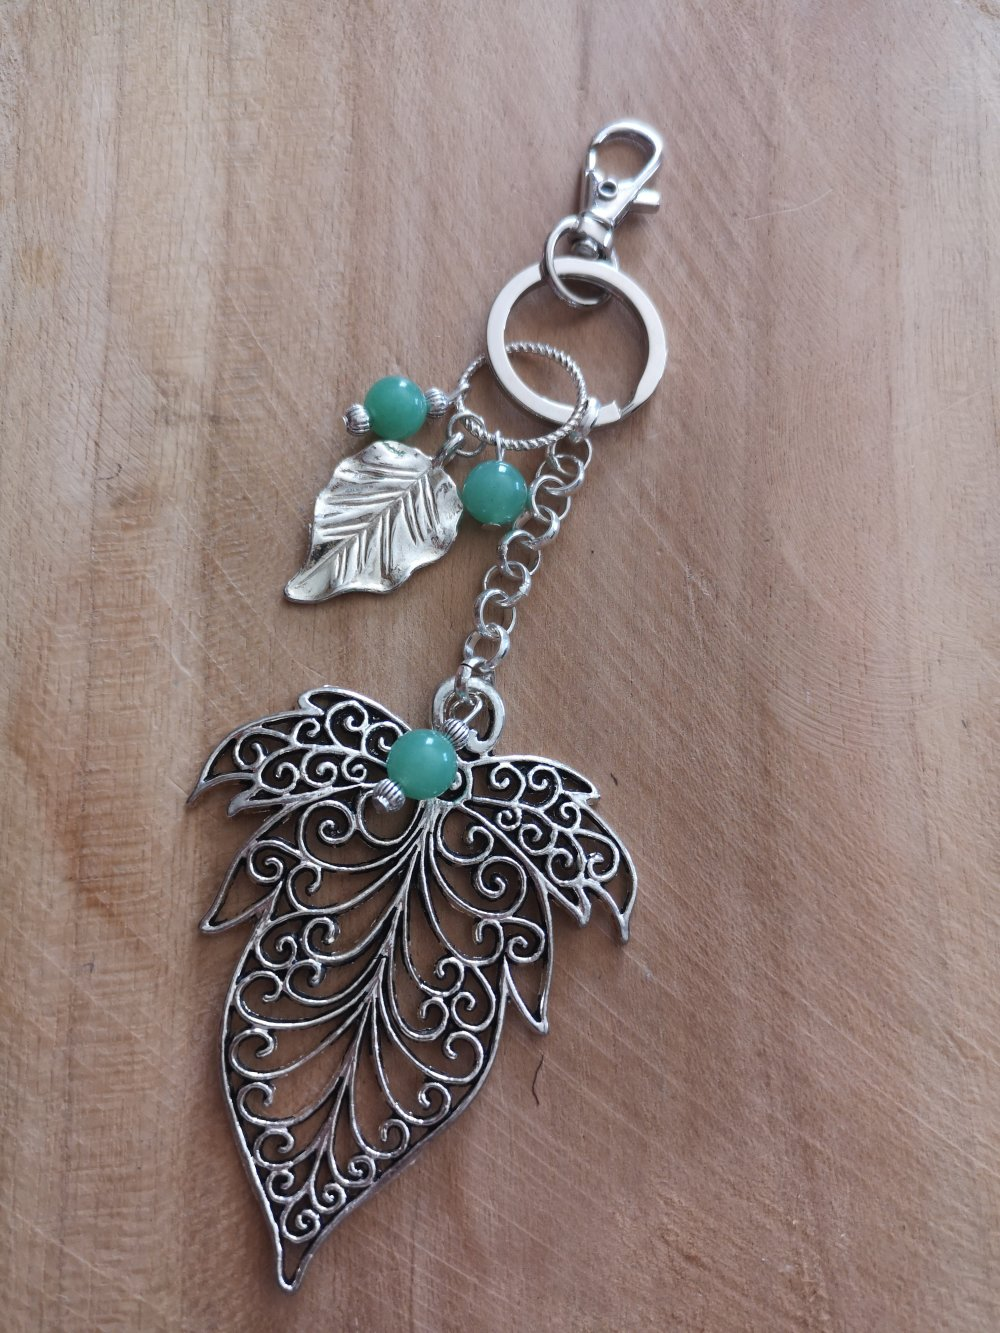 bijoux de sac/ Porte clés thème feuille de lierre argenté et aventurine, pierres naturelles